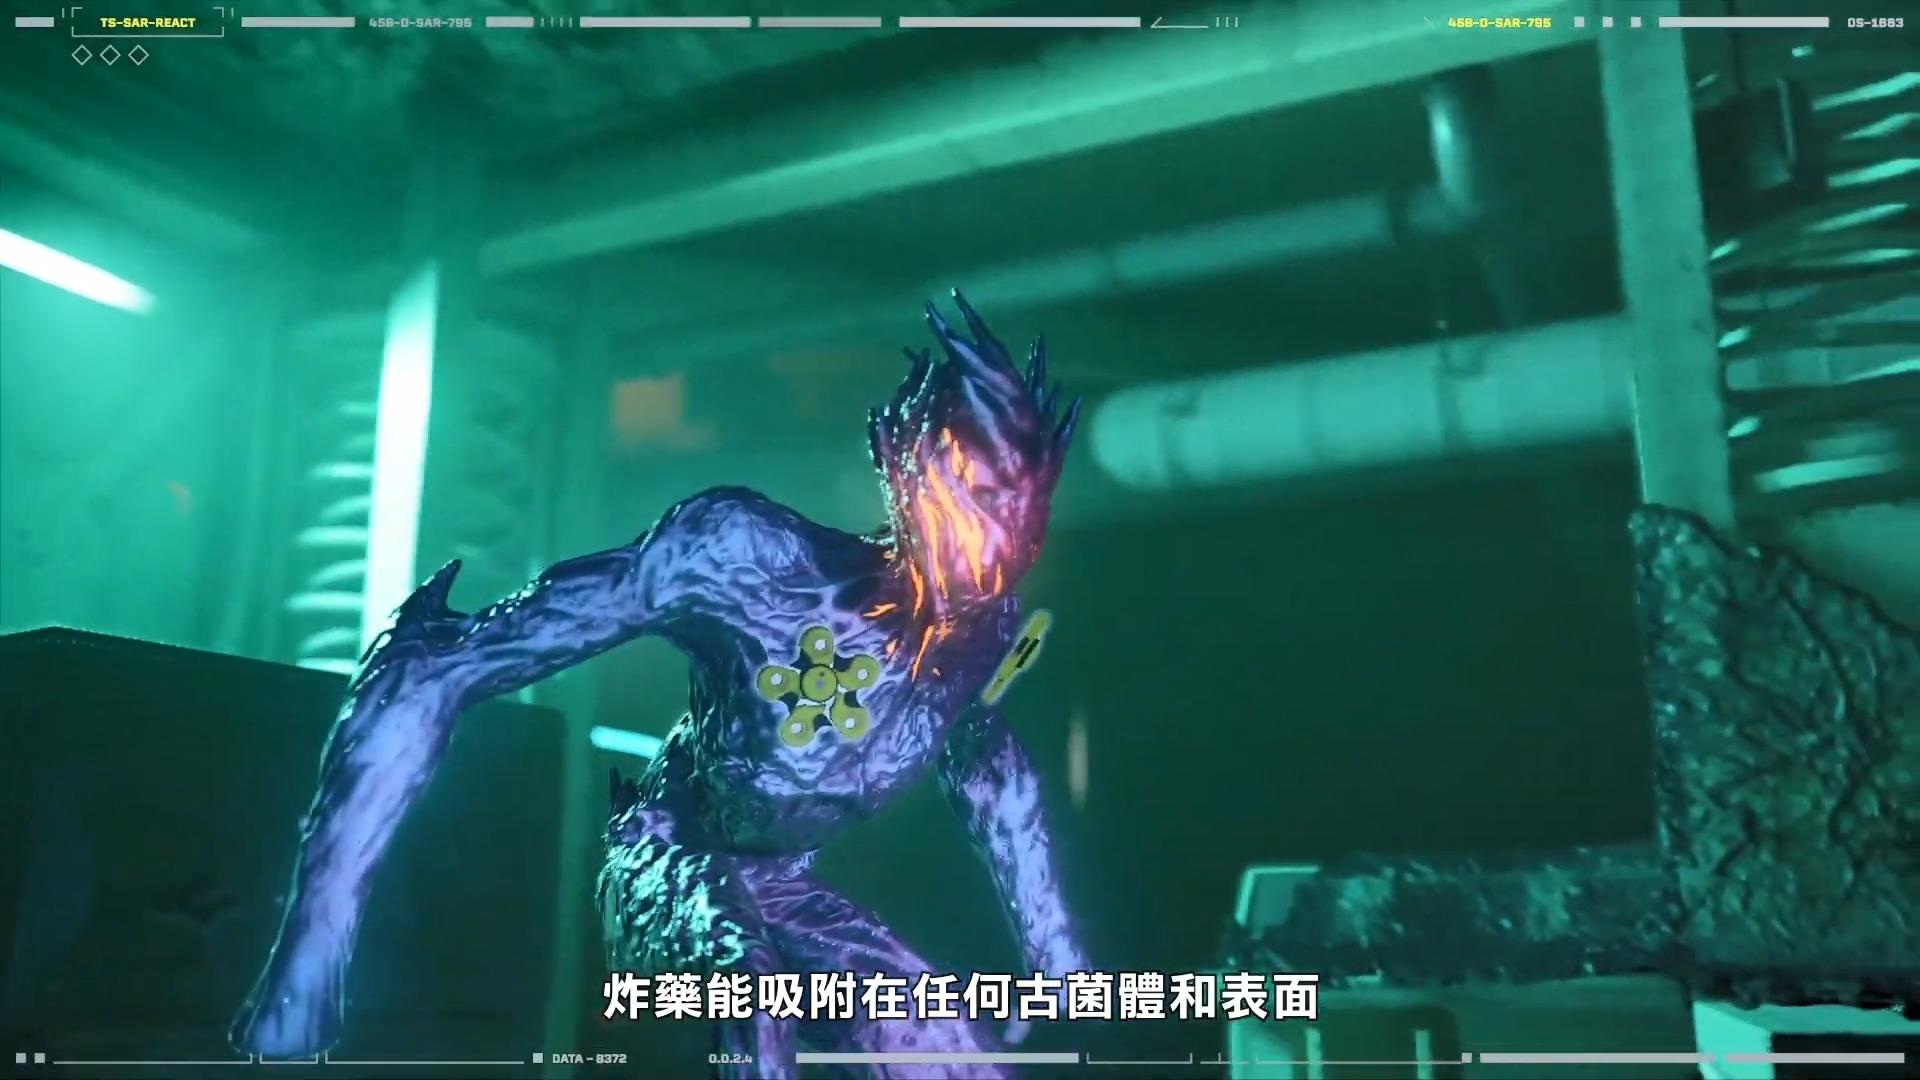 《彩虹六号:异种》新干员HIBANA介绍 引爆炸药打开突破口